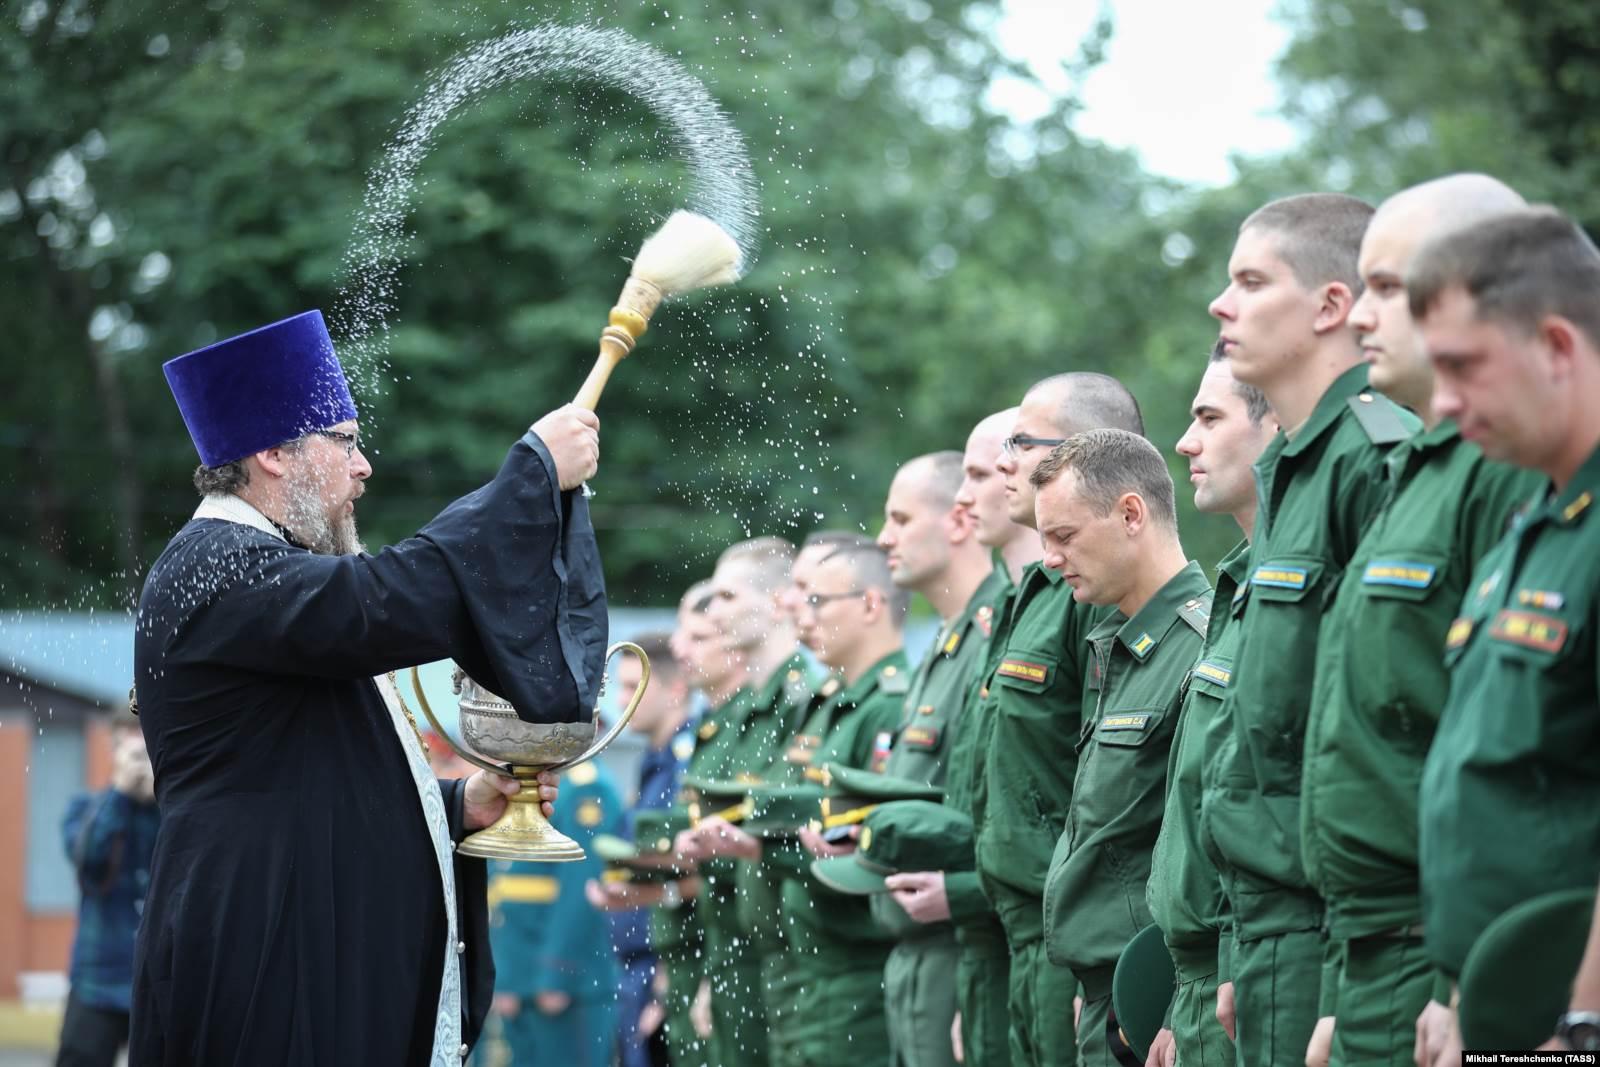 Призывники в военкомате во время окропления святой водой. 5 июля 2019 года. Фото: ТАСС